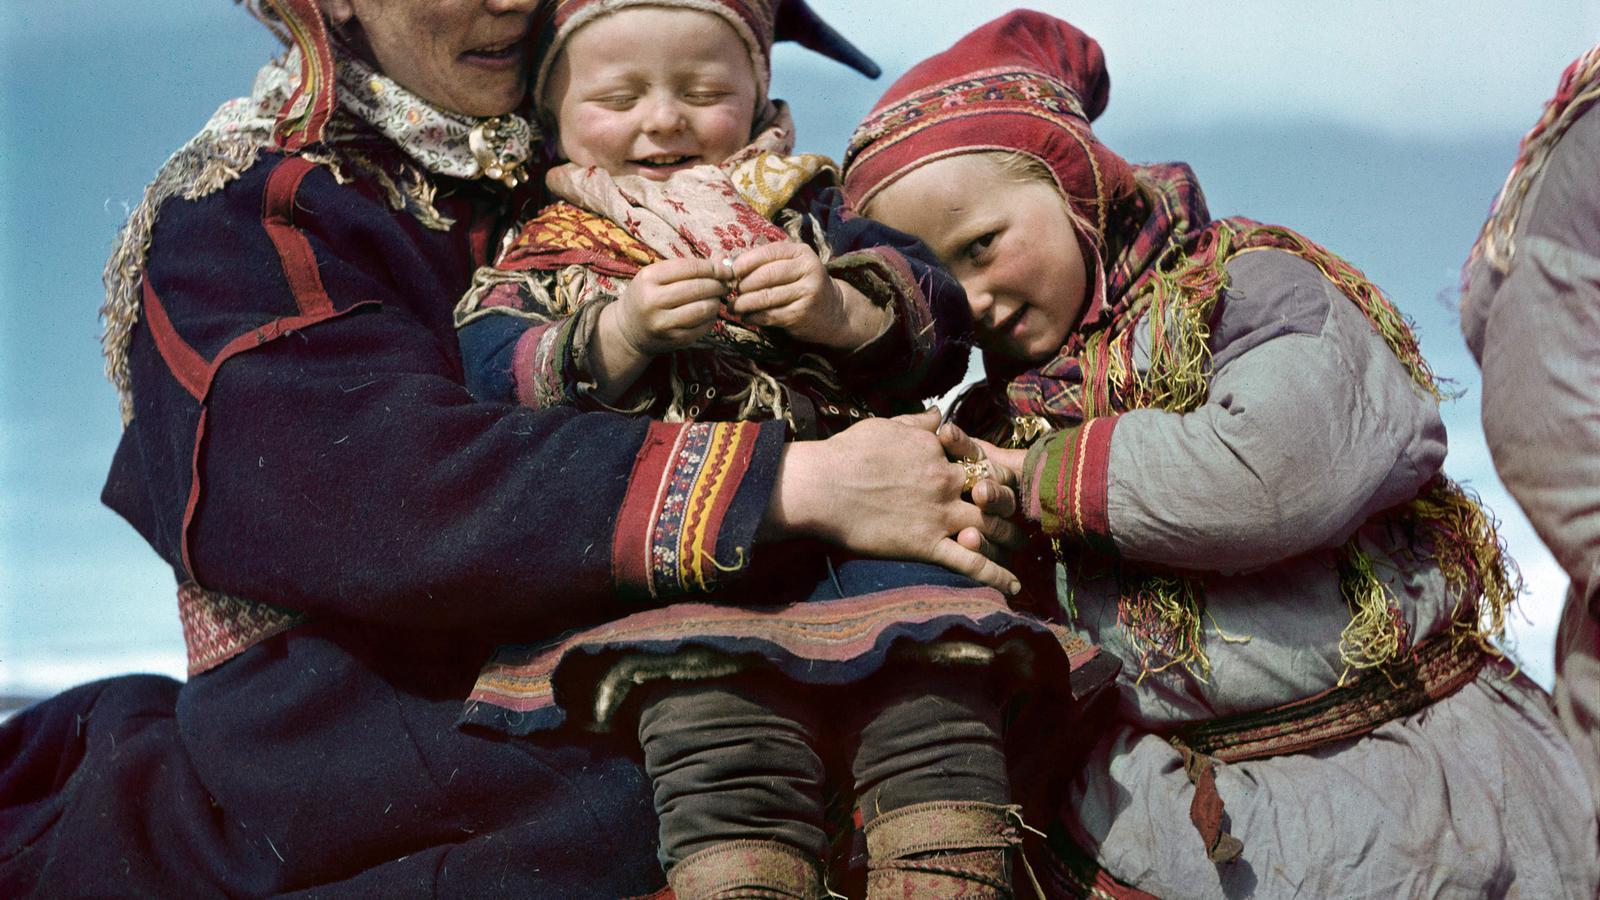 Robert Capa, Família lapona, Noruega, 1951. © Robert Capa/International Center of Photography/Magnum Photos.